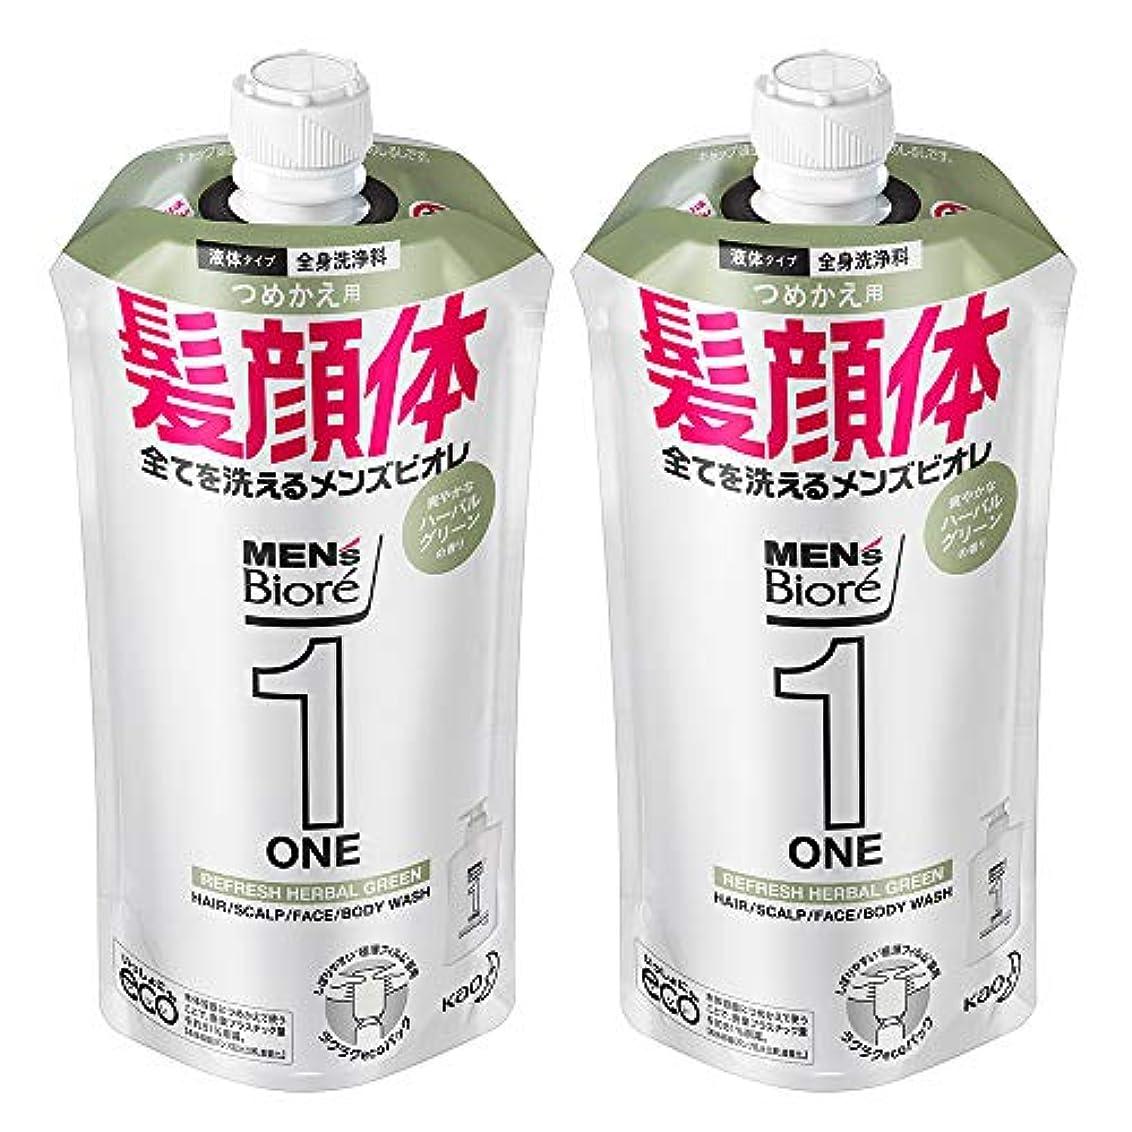 マガジン応じるわずらわしい【まとめ買い】メンズビオレ ONE オールインワン全身洗浄料 ハーバルグリーンの香り つめかえ用 340ml×2個